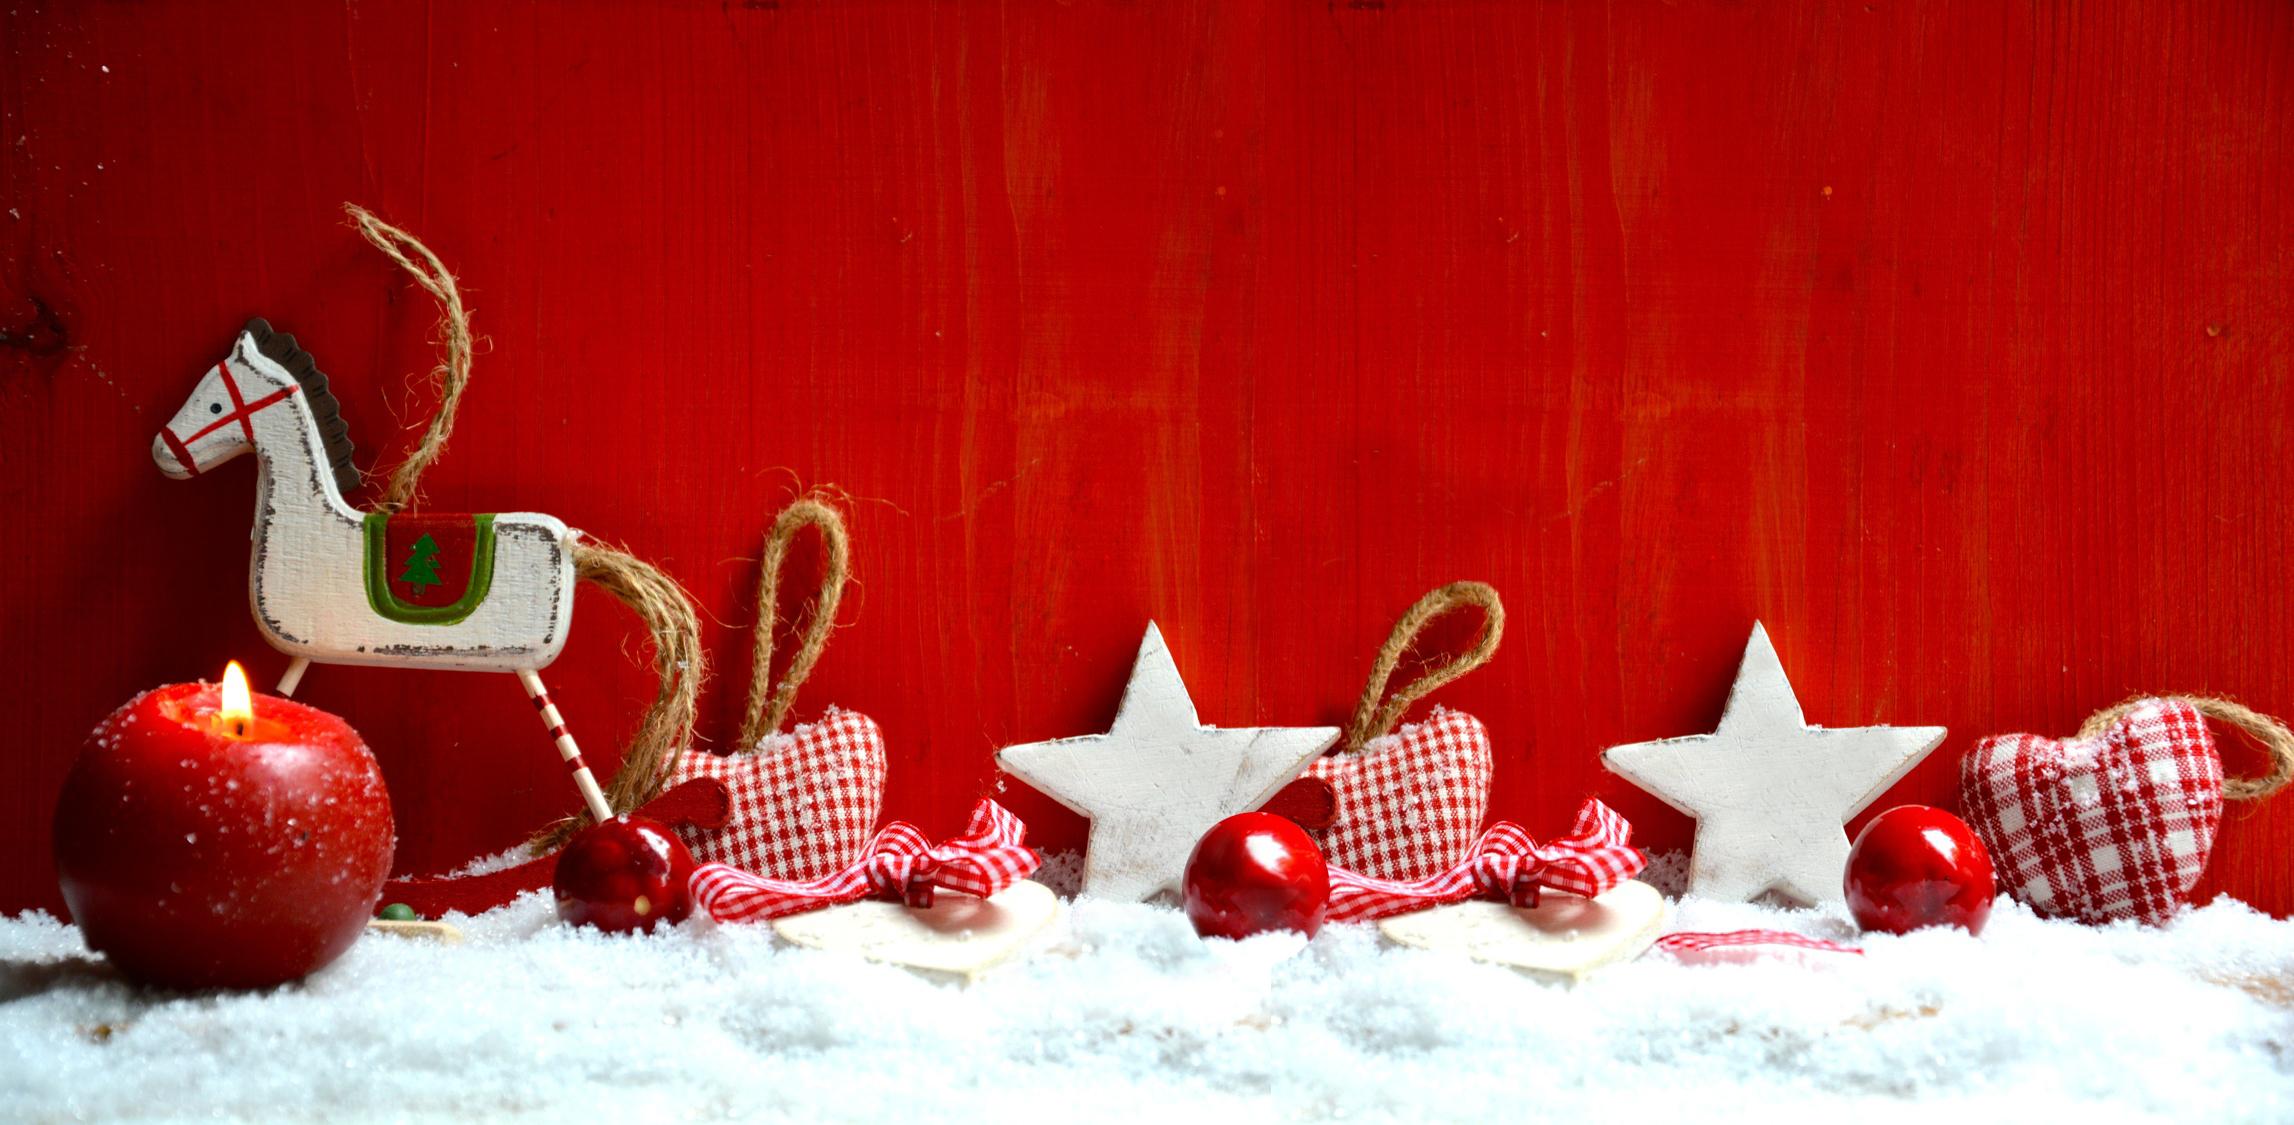 Buon Natale Anno Nuovo.Buon Natale E Felice Anno Nuovo Casa Di Anna